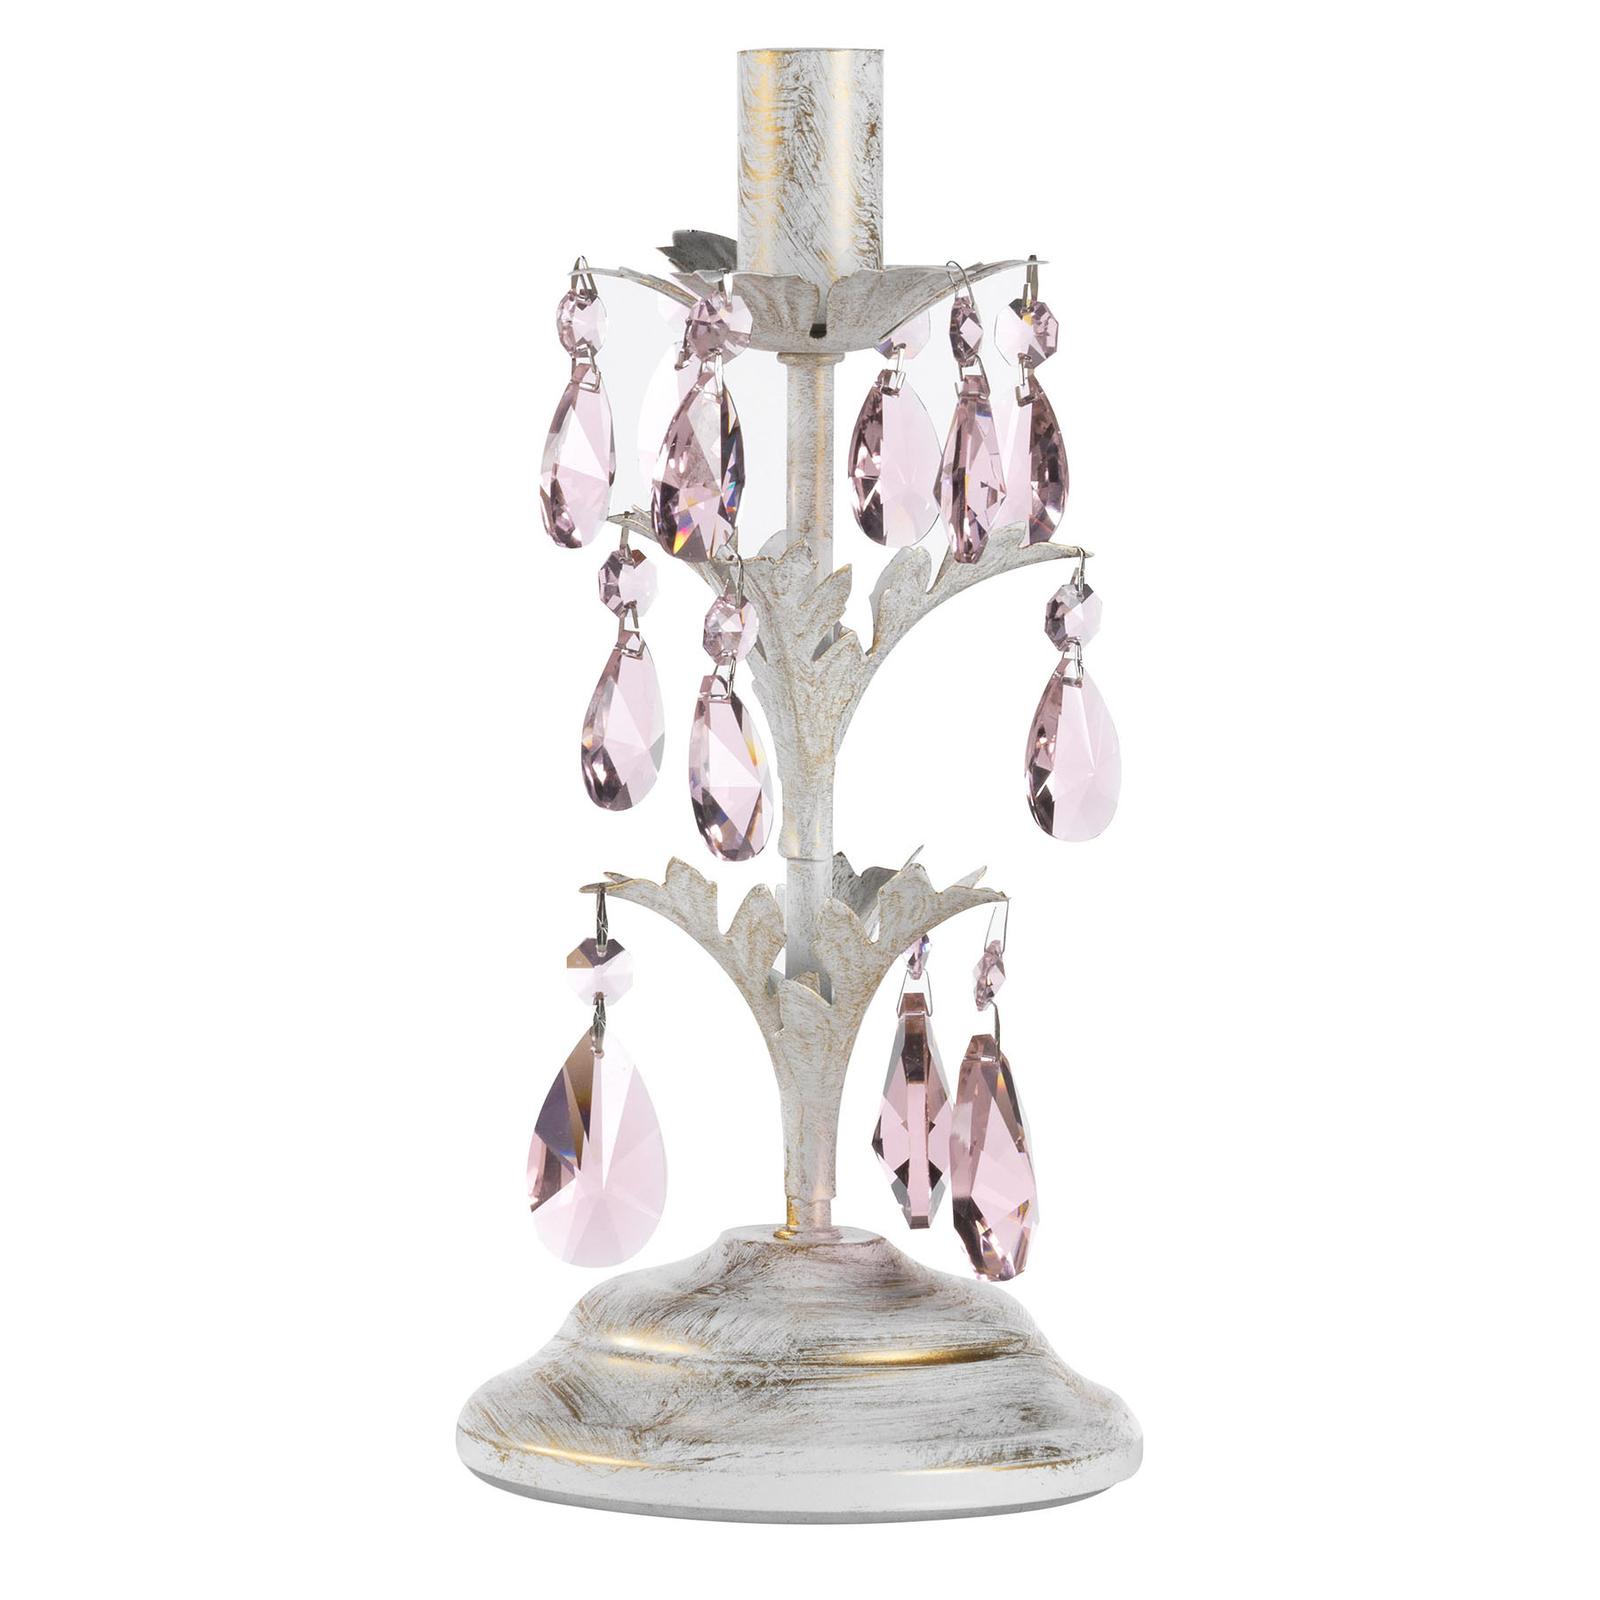 Tischleuchte Kate, in Weiß mit rosé Kristallen